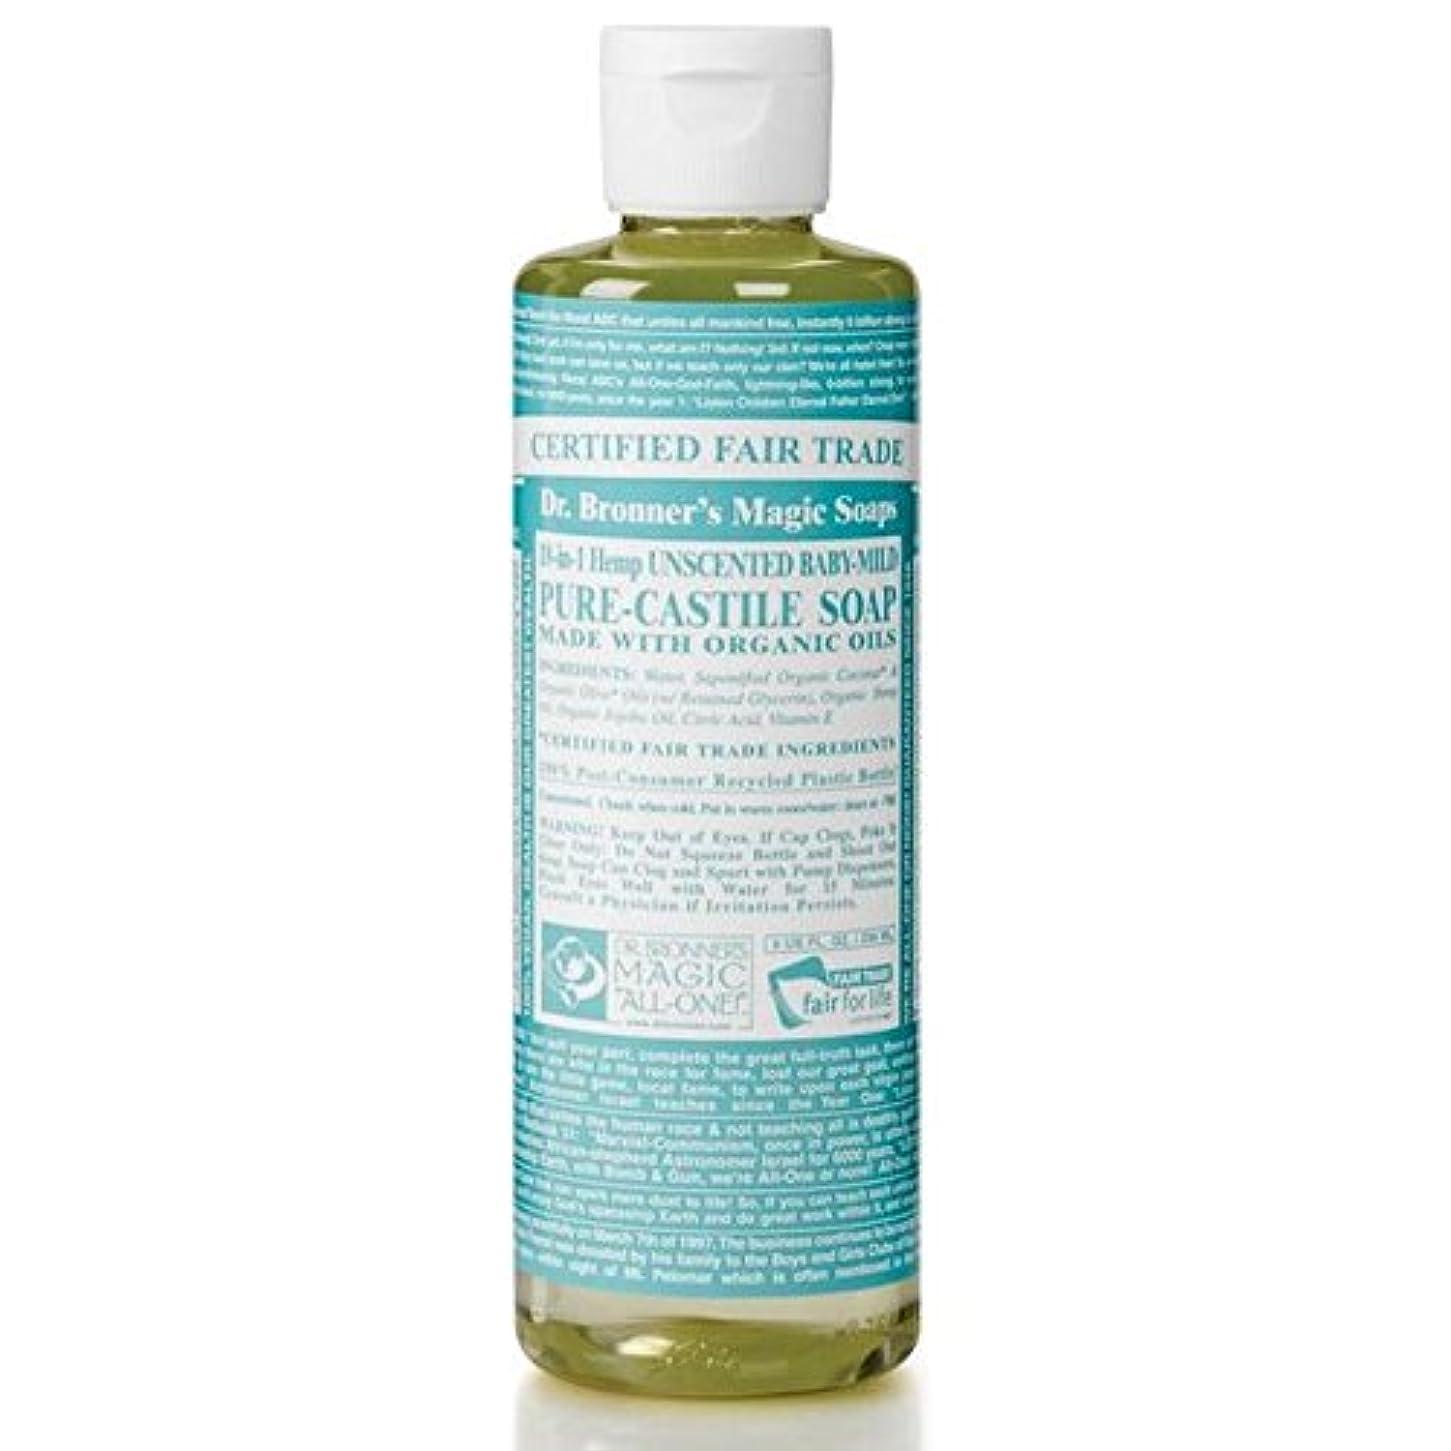 減衰開示する炎上のブロナーオーガニックベビーマイルドなキャスト液体石鹸237ミリリットル x4 - Dr Bronner Organic Baby Mild Cast Liquid Soap 237ml (Pack of 4) [並行輸入品]